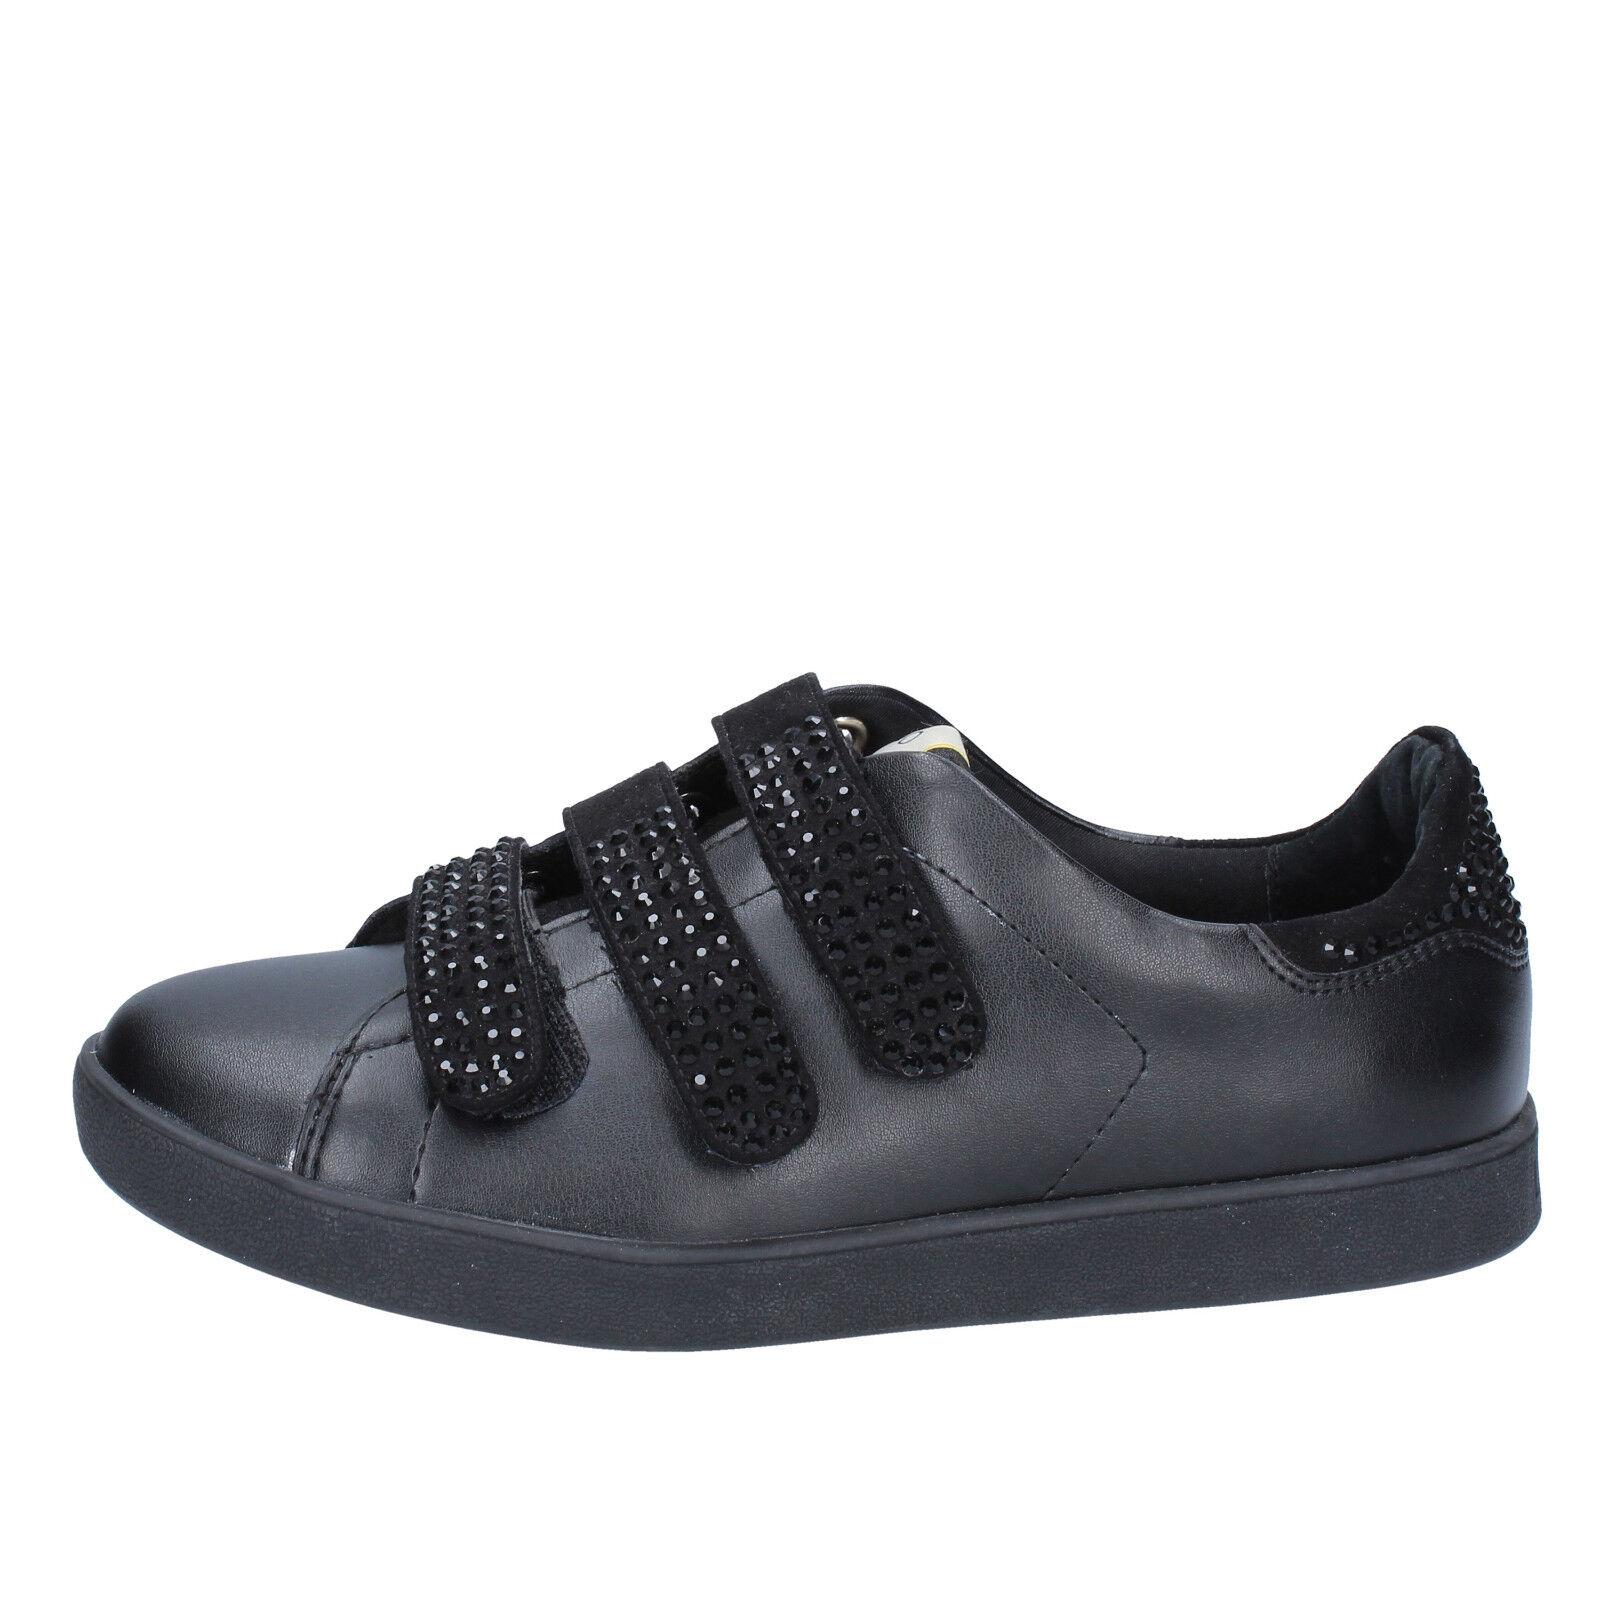 scarpe donna LIU JO camoscio 38 EU sneakers nero pelle camoscio JO BY639-38 b6e344